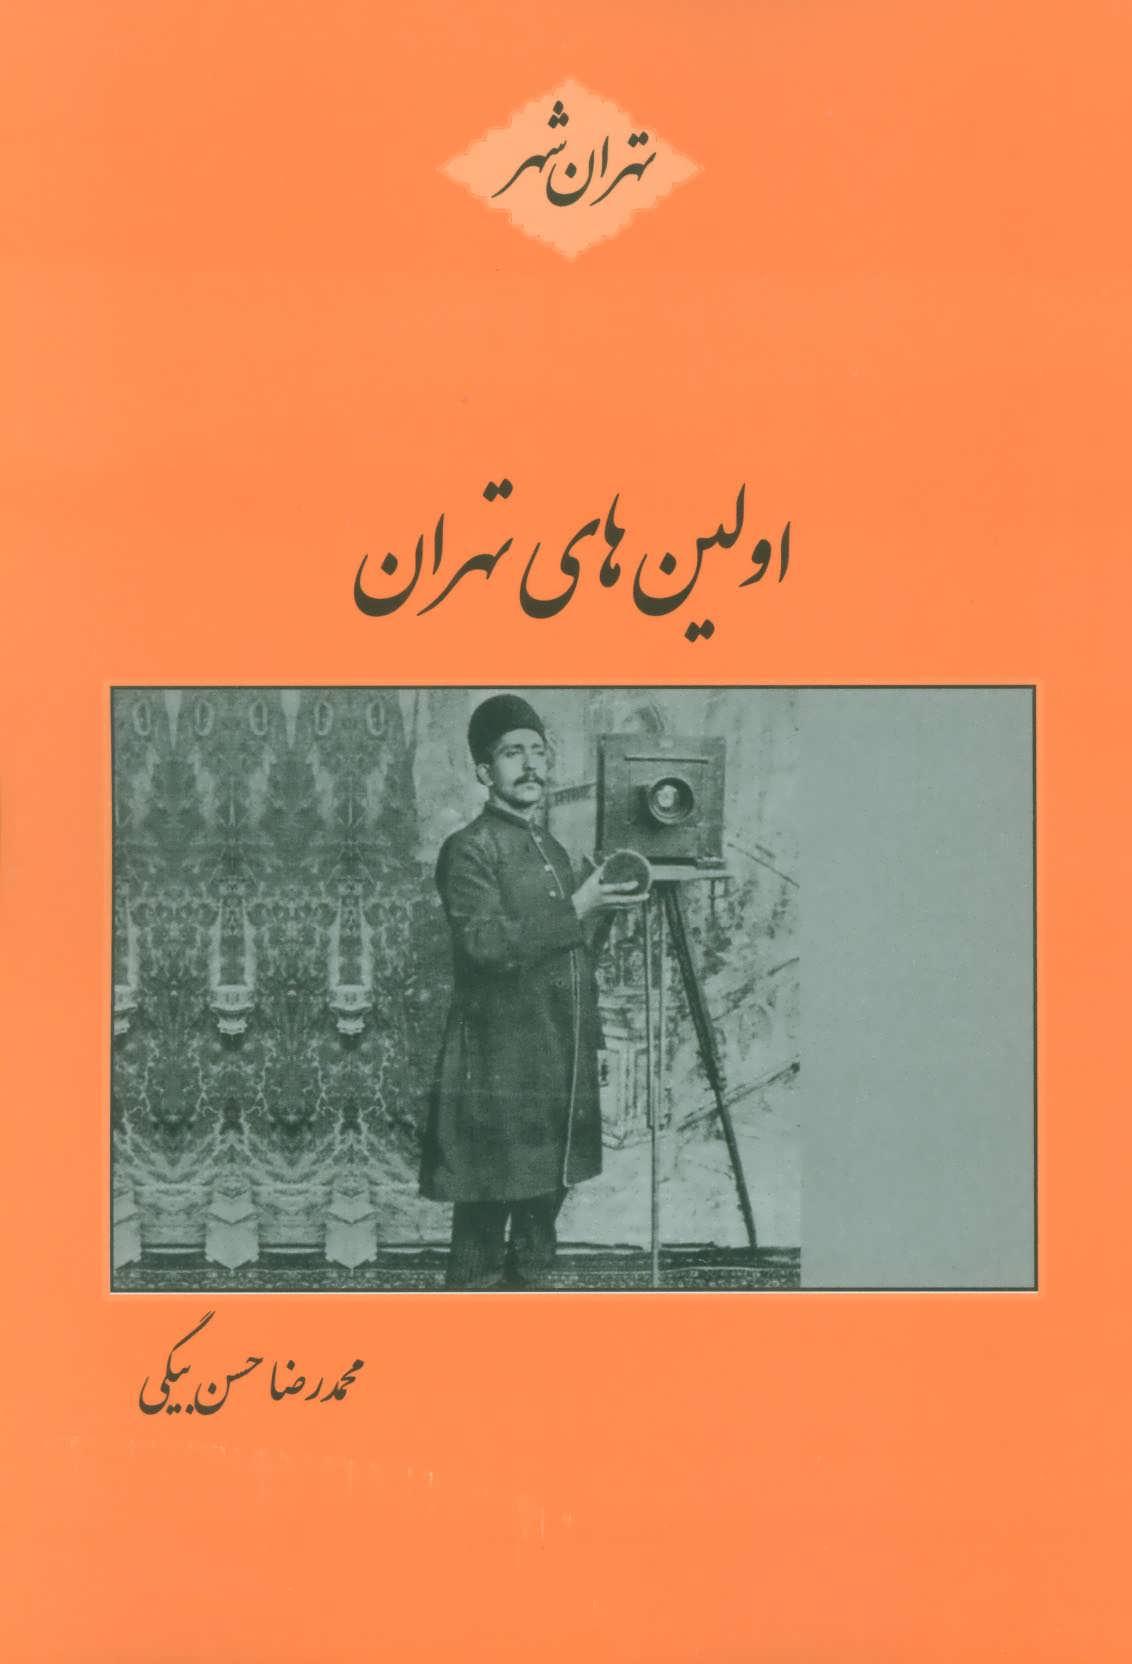 اولین های تهران (تهران شهر)